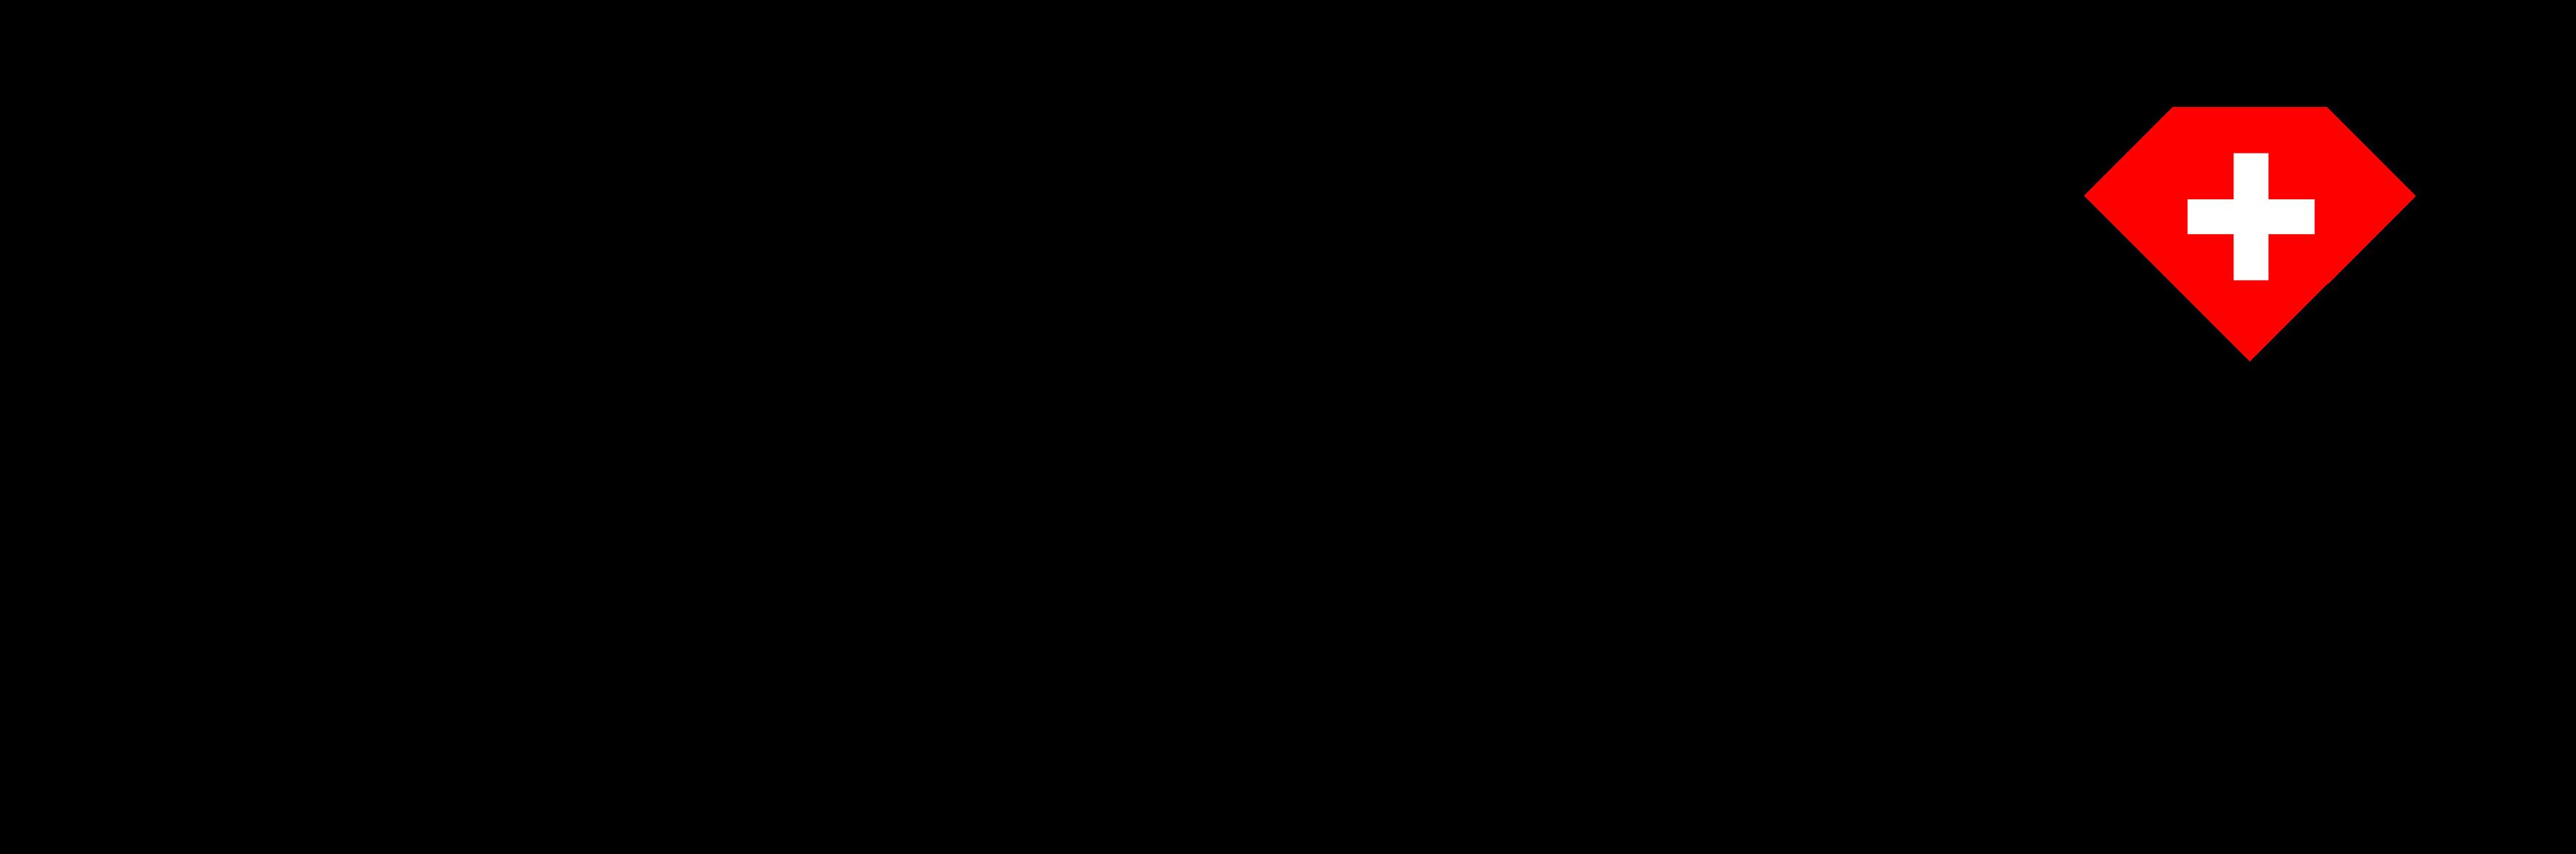 Plasmadiam